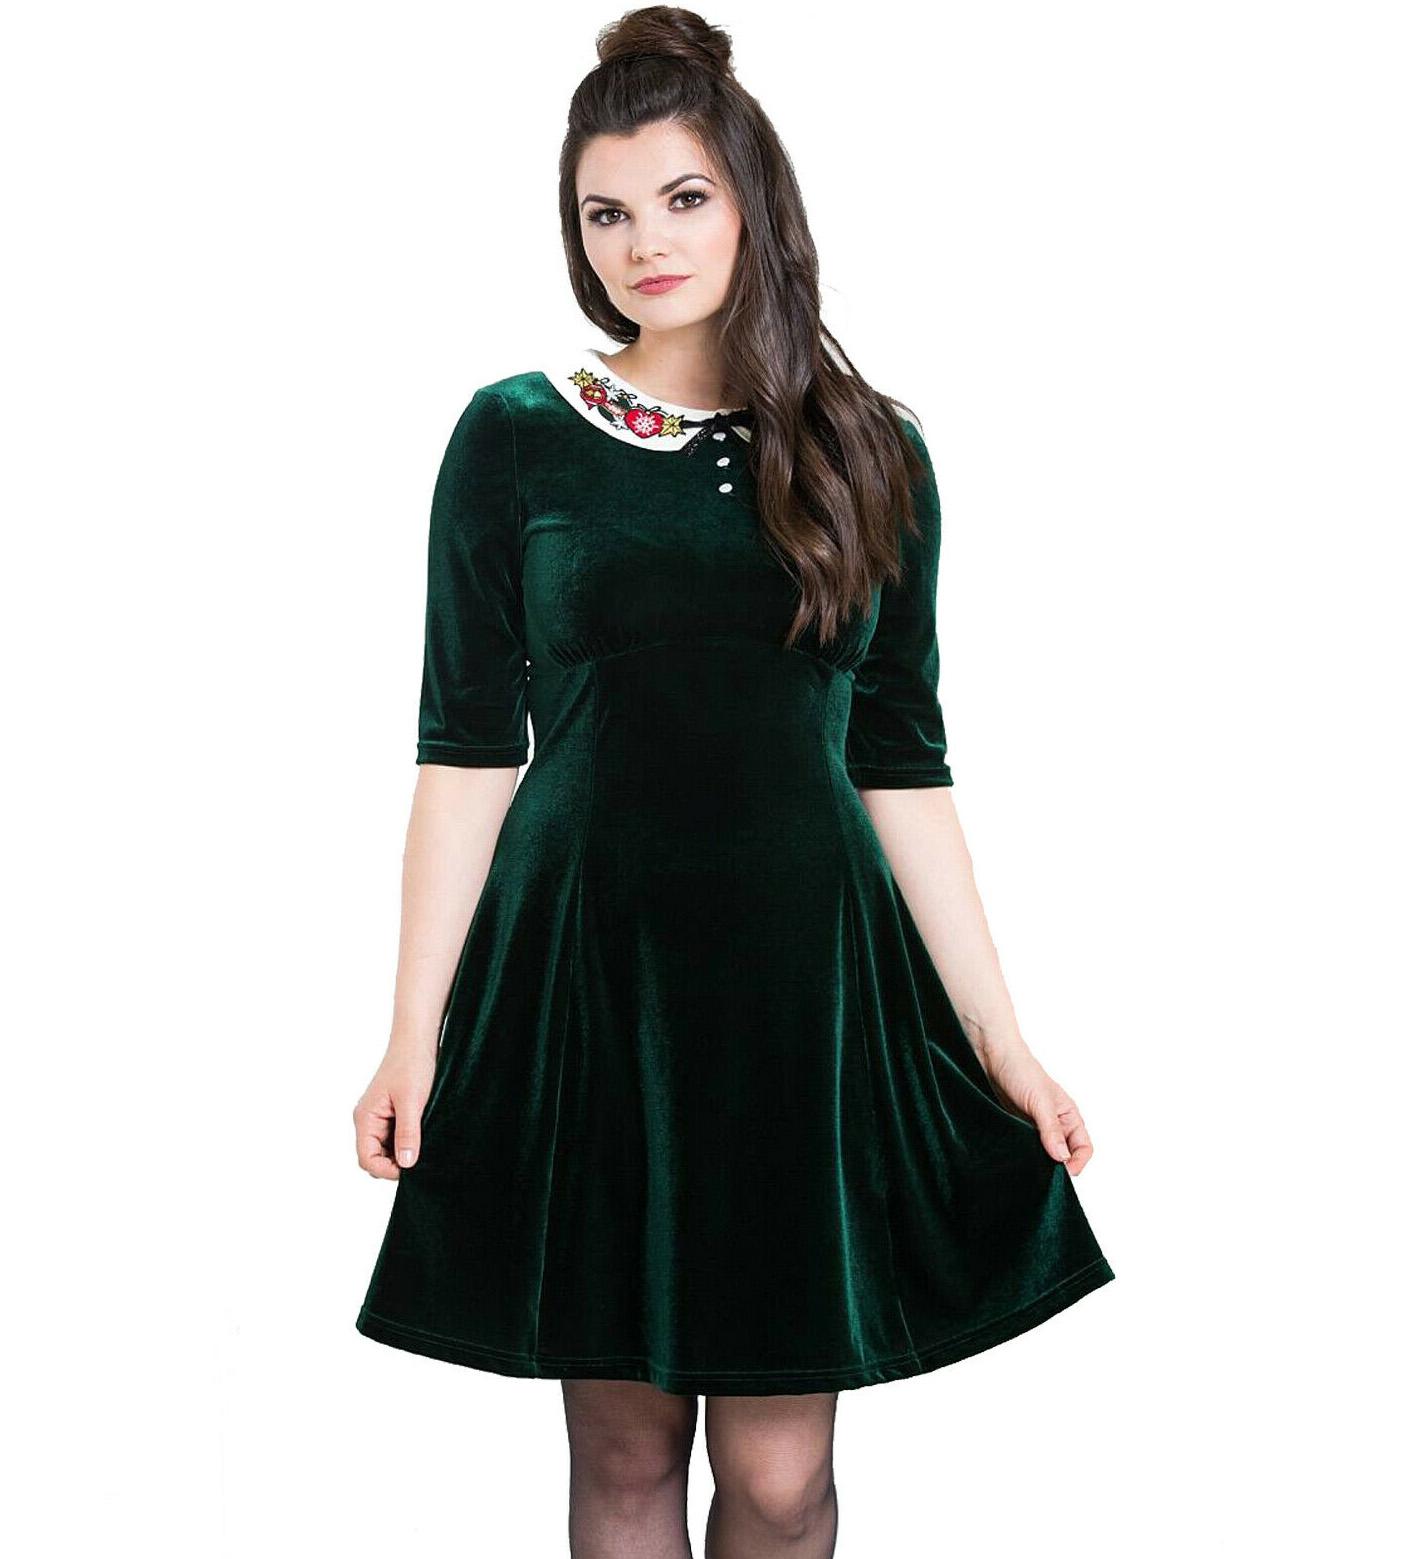 Hell-Bunny-Mini-Skater-Dress-Festive-Christmas-NICOLA-Green-Velvet-All-Sizes thumbnail 31